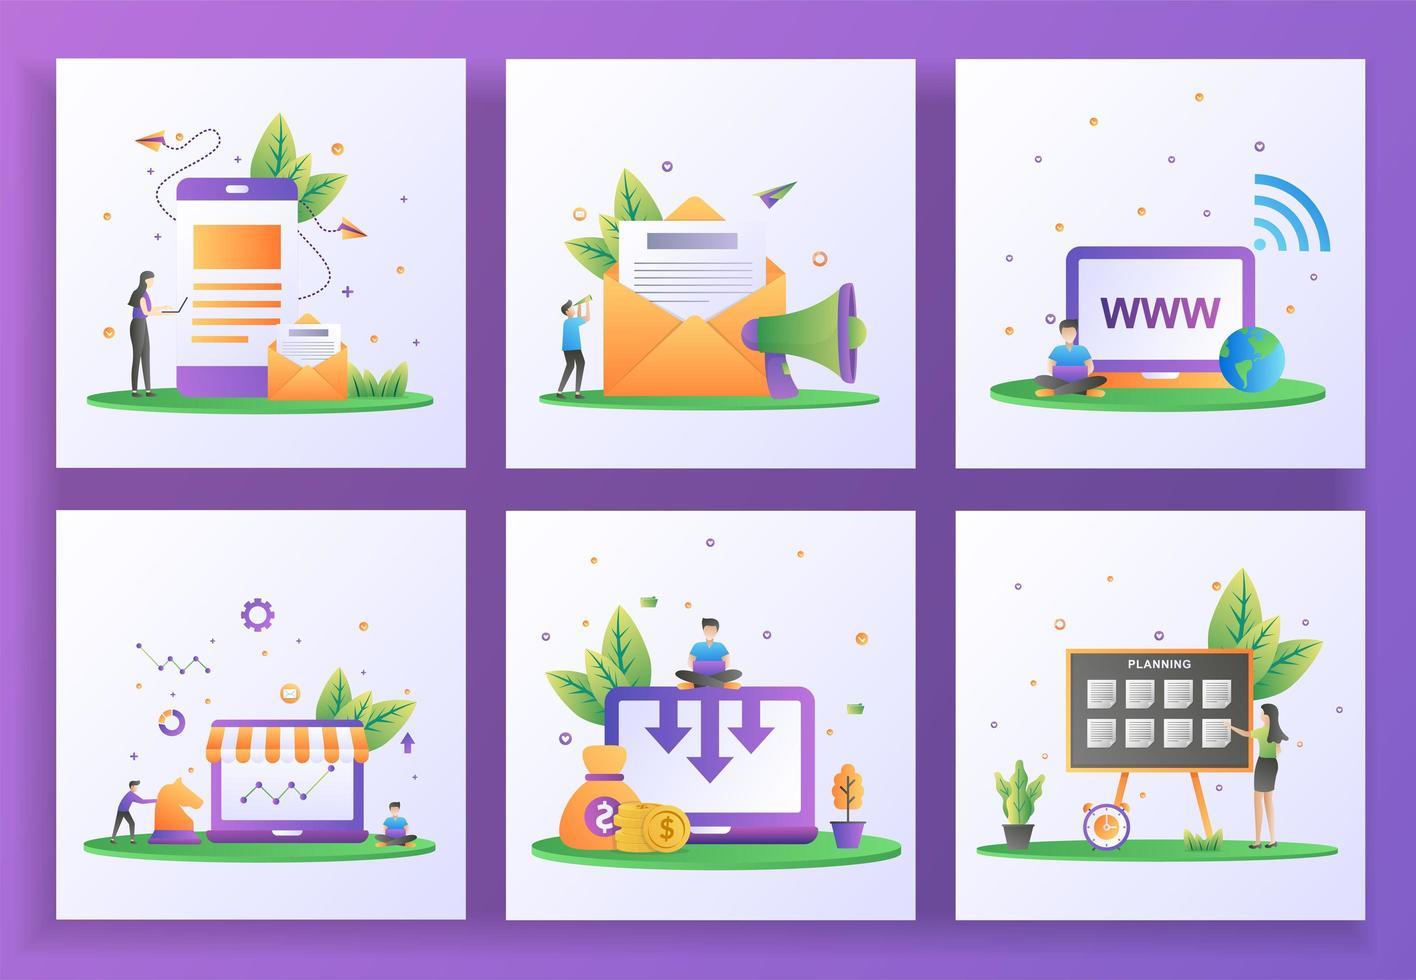 uppsättning platt designkoncept. digital marknadsföring, e-postmarknadsföring, webbplats, strategimarknadsföring vektor